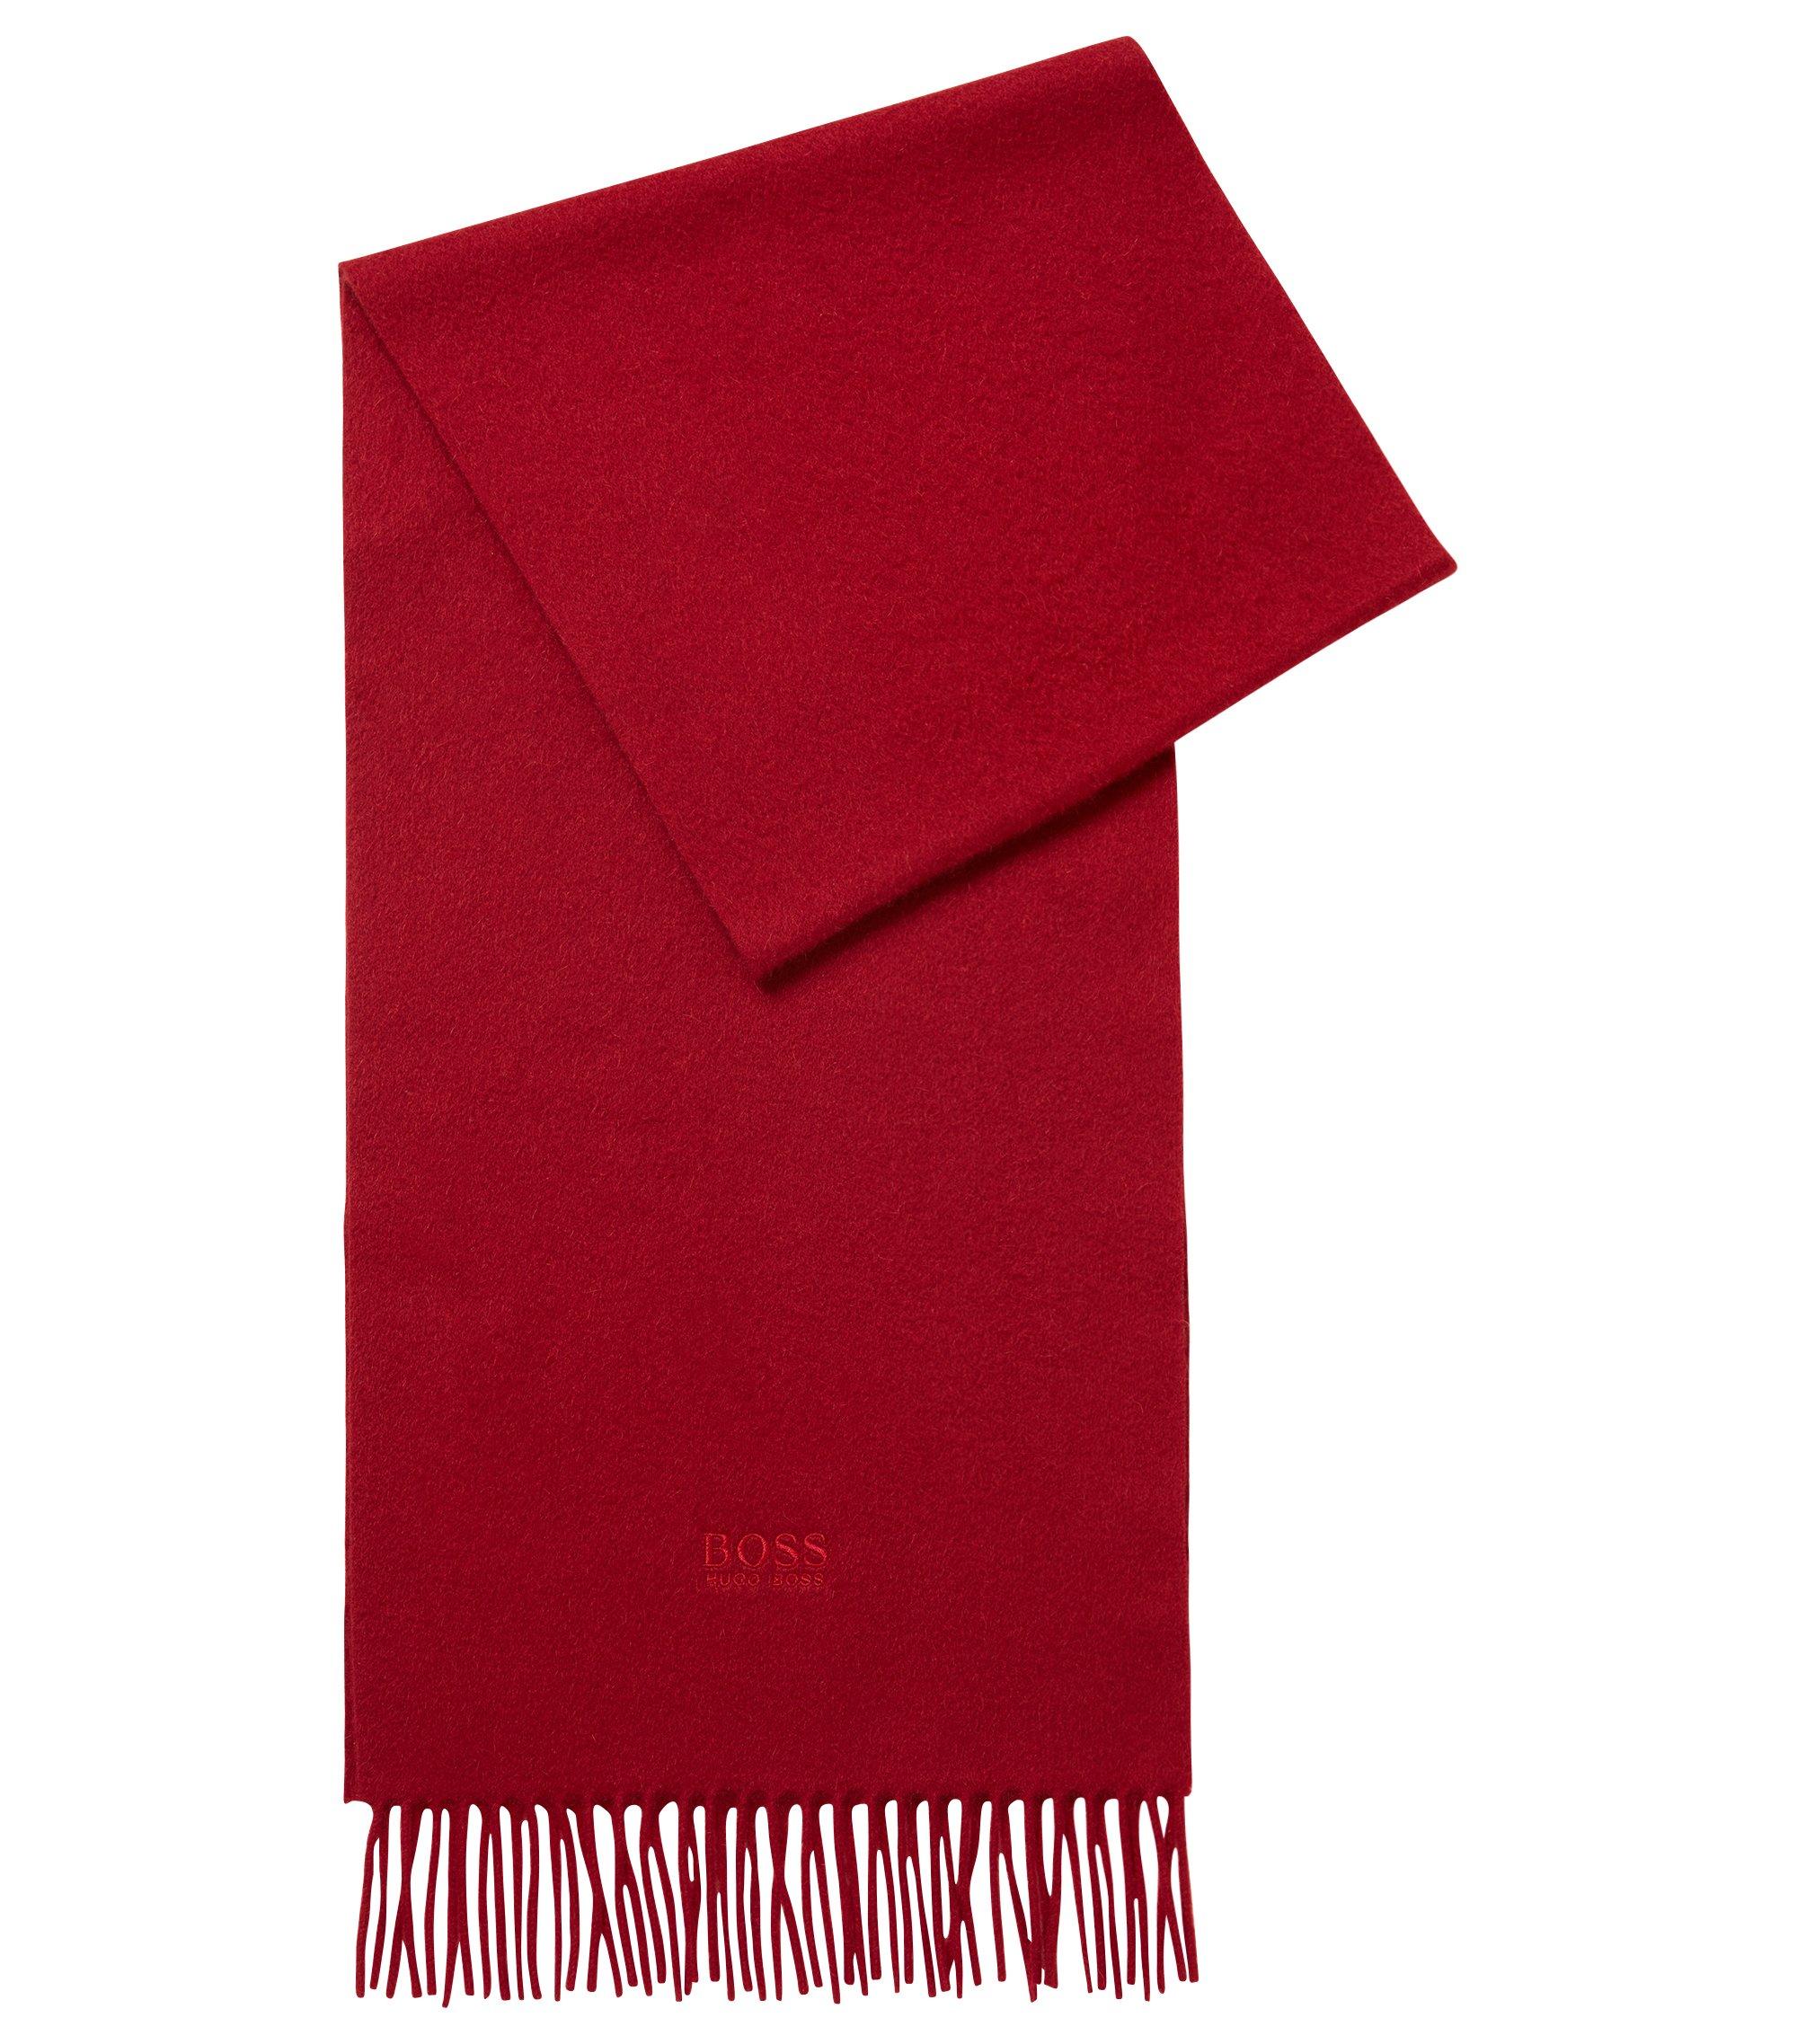 Écharpe Tailored en cachemire aux finitions frangées, confectionnée en Italie, Rouge sombre